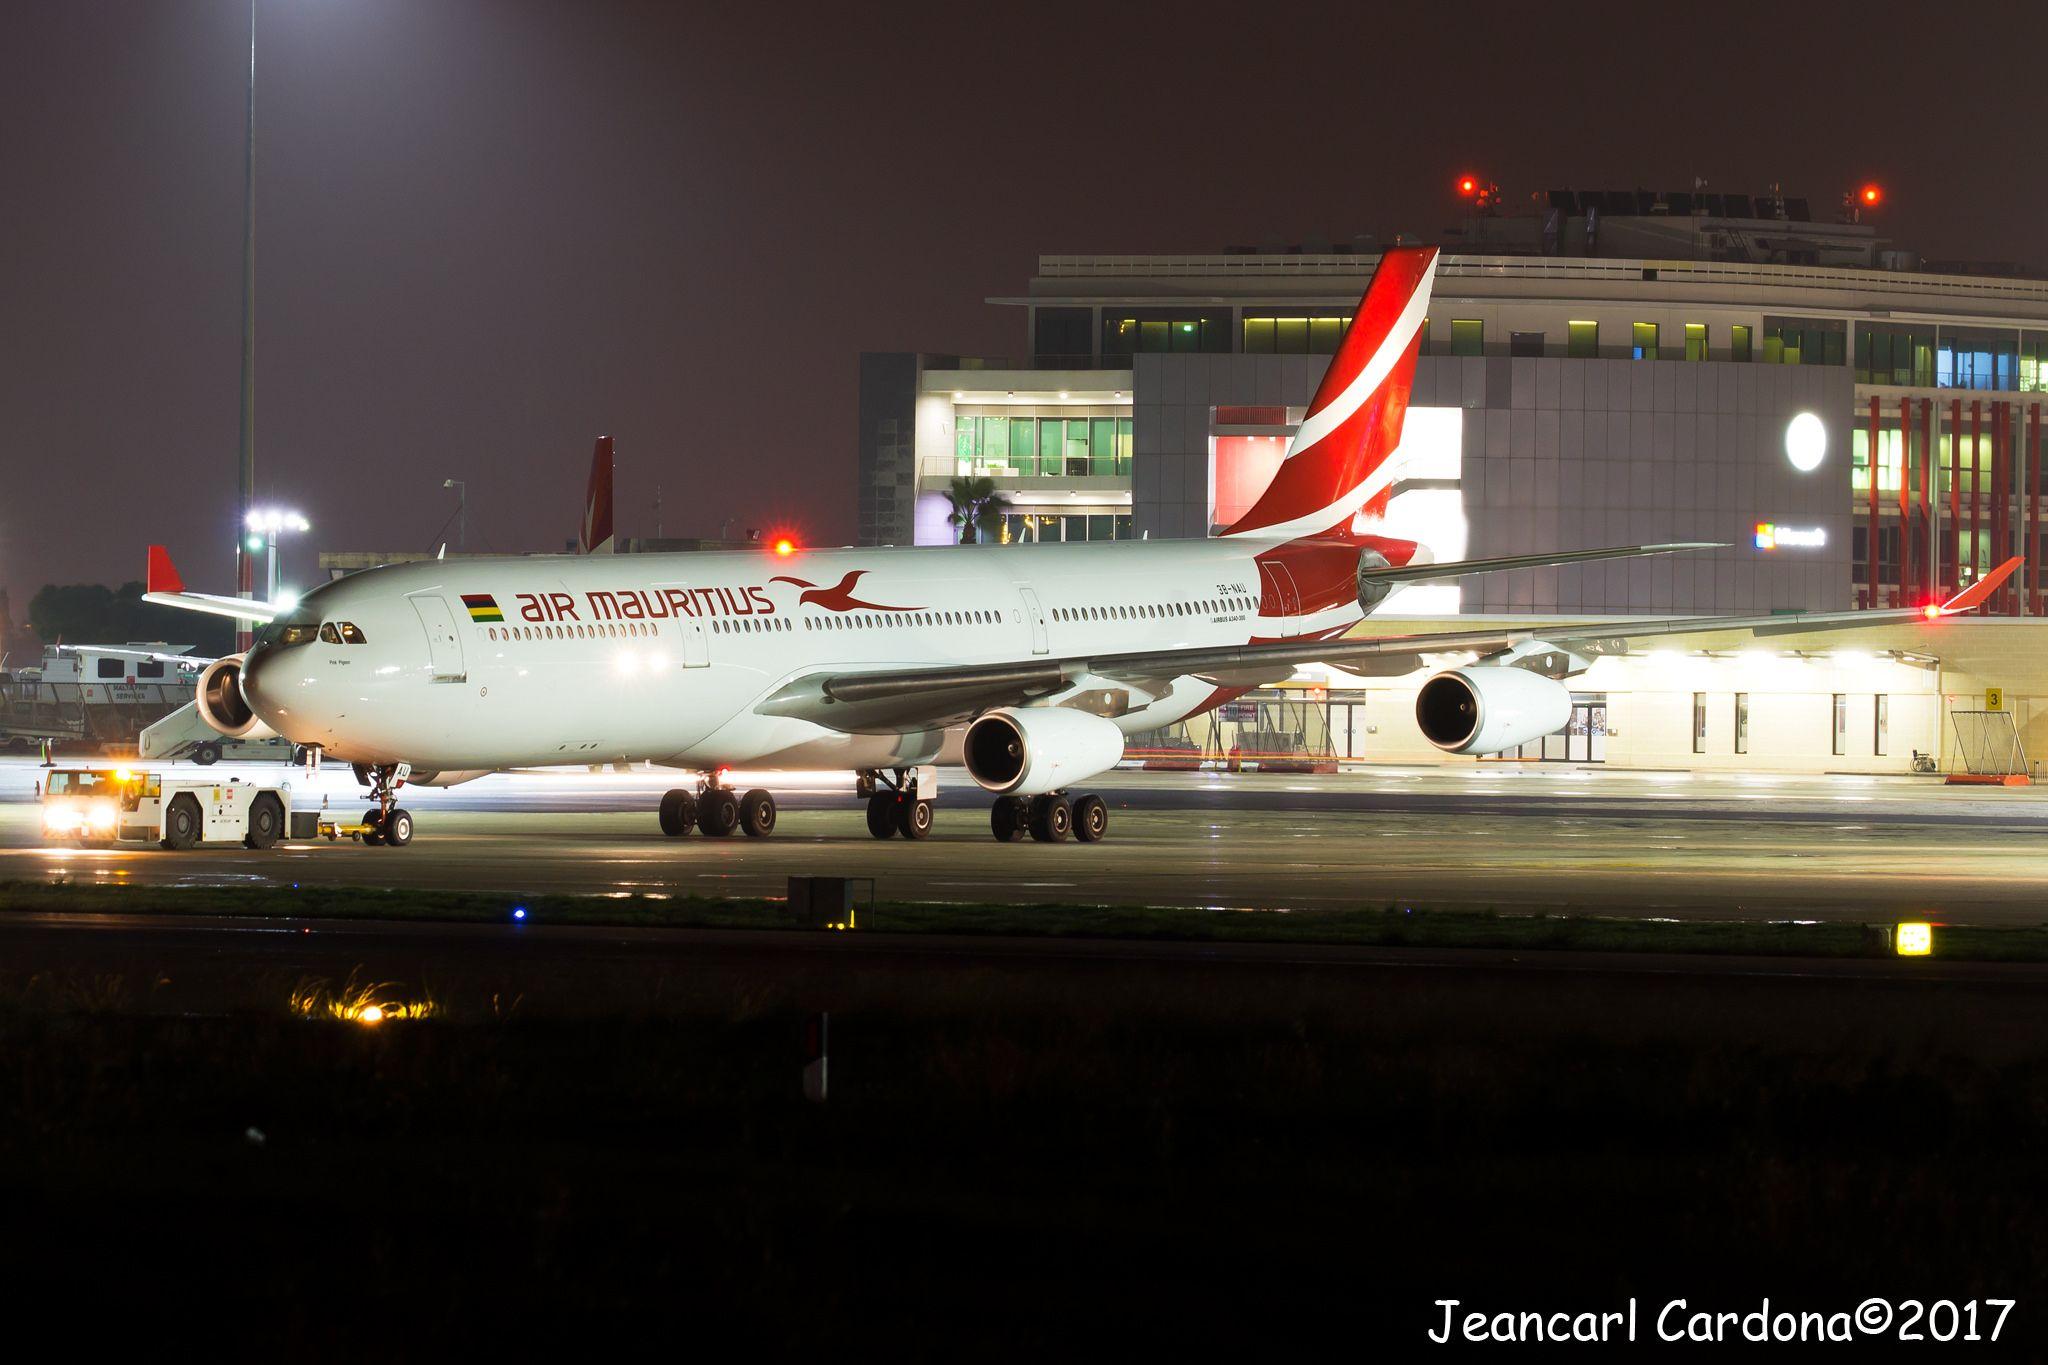 Air Mauritius Airbus A340 312 3b Nau Lmml